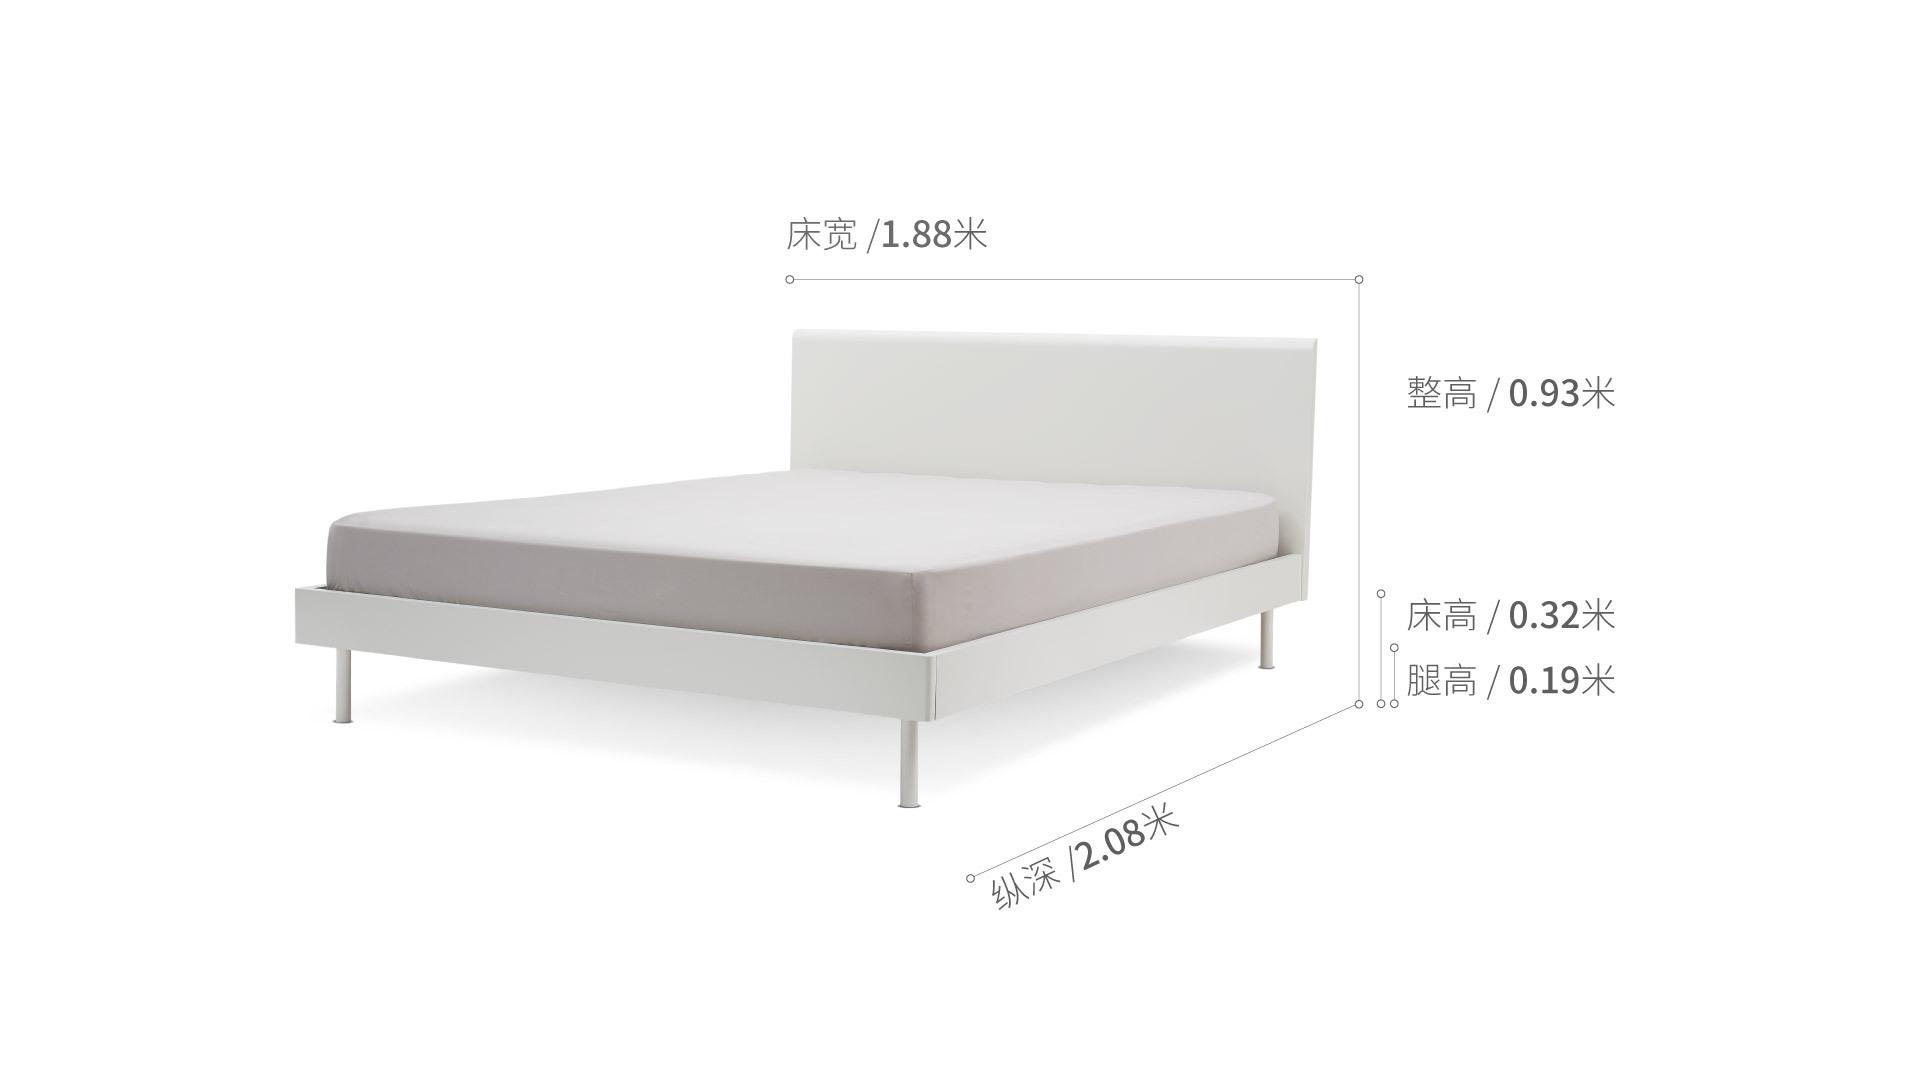 贡多拉床1.8米款床·床具效果图